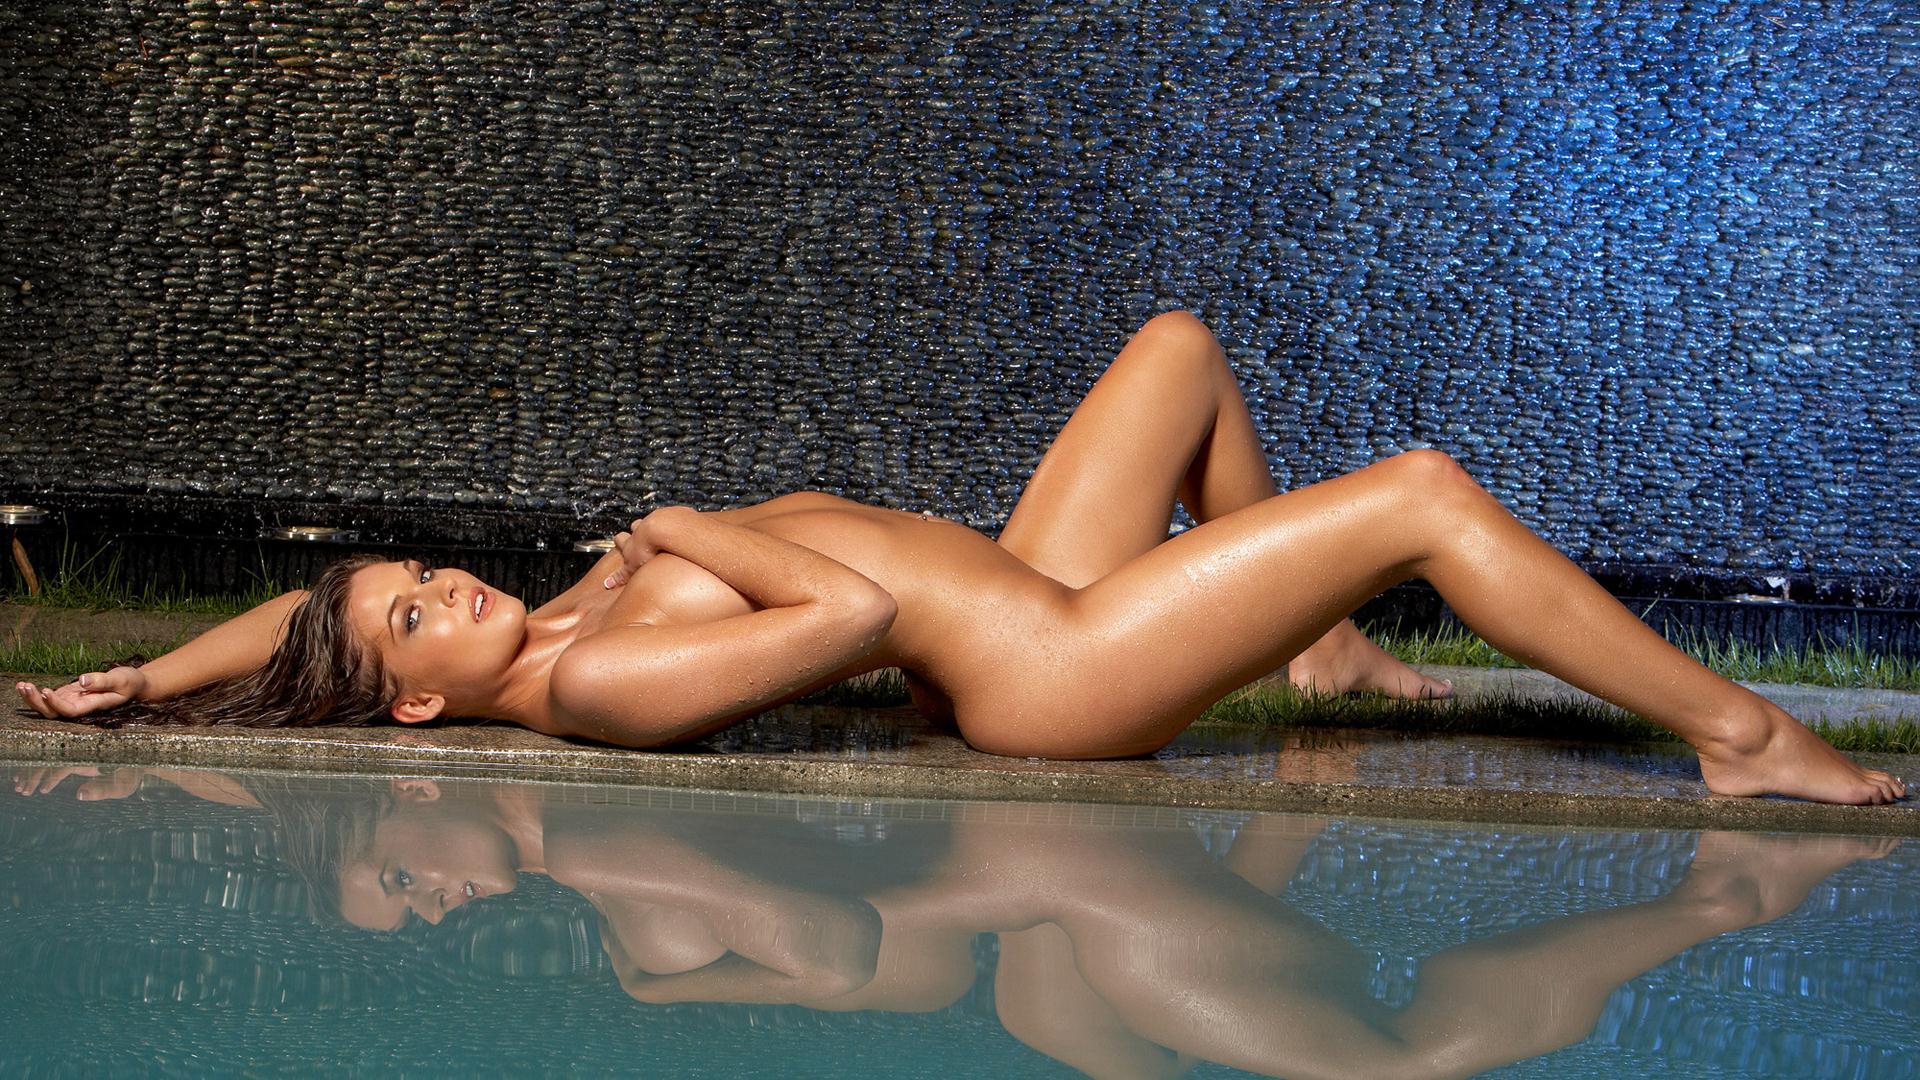 голая девка фото для рабочего стола